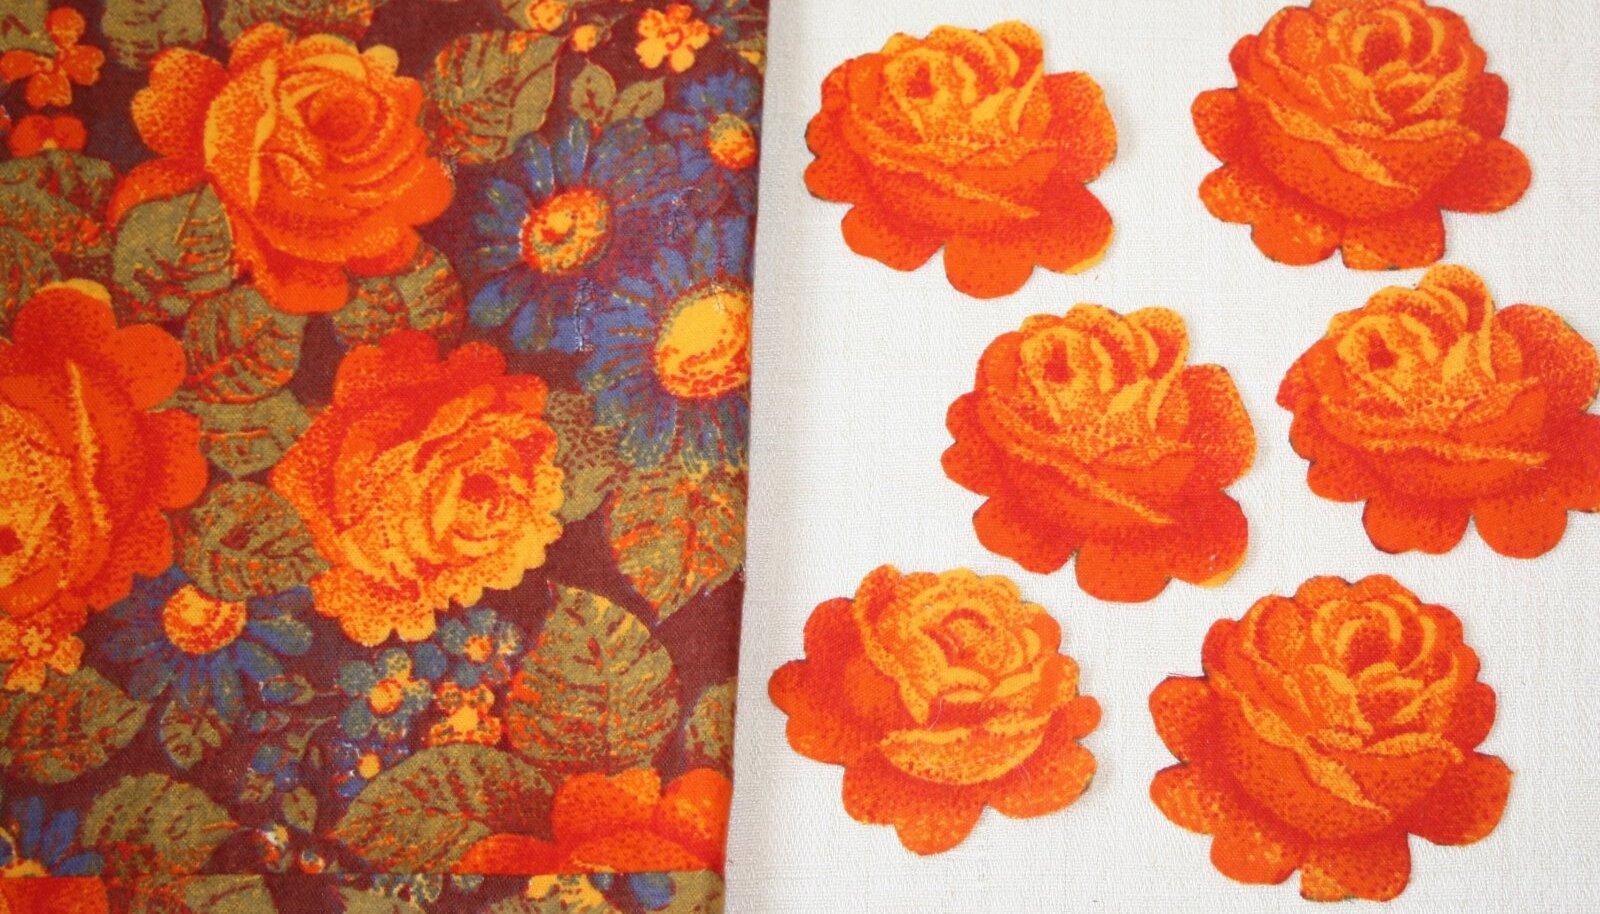 Mõnelt kangalt on väga lihtne välja lõigata selgepiirilisi lilli ning neid esemete kaunistamiseks kasutada.